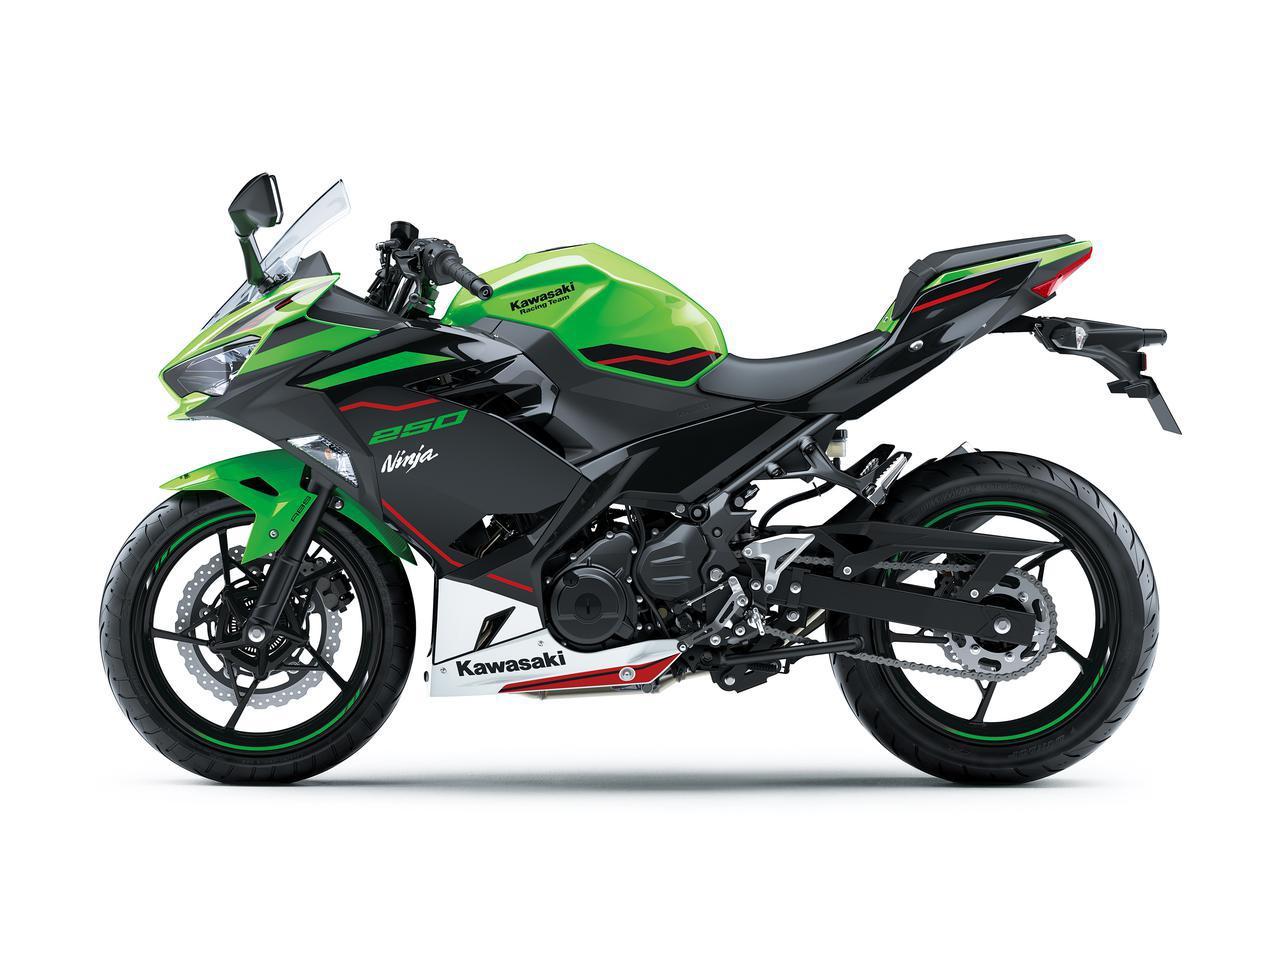 画像2: カワサキが「Ninja250」の2021年モデルを発売! カラーはKRTエディションを含め2色の設定